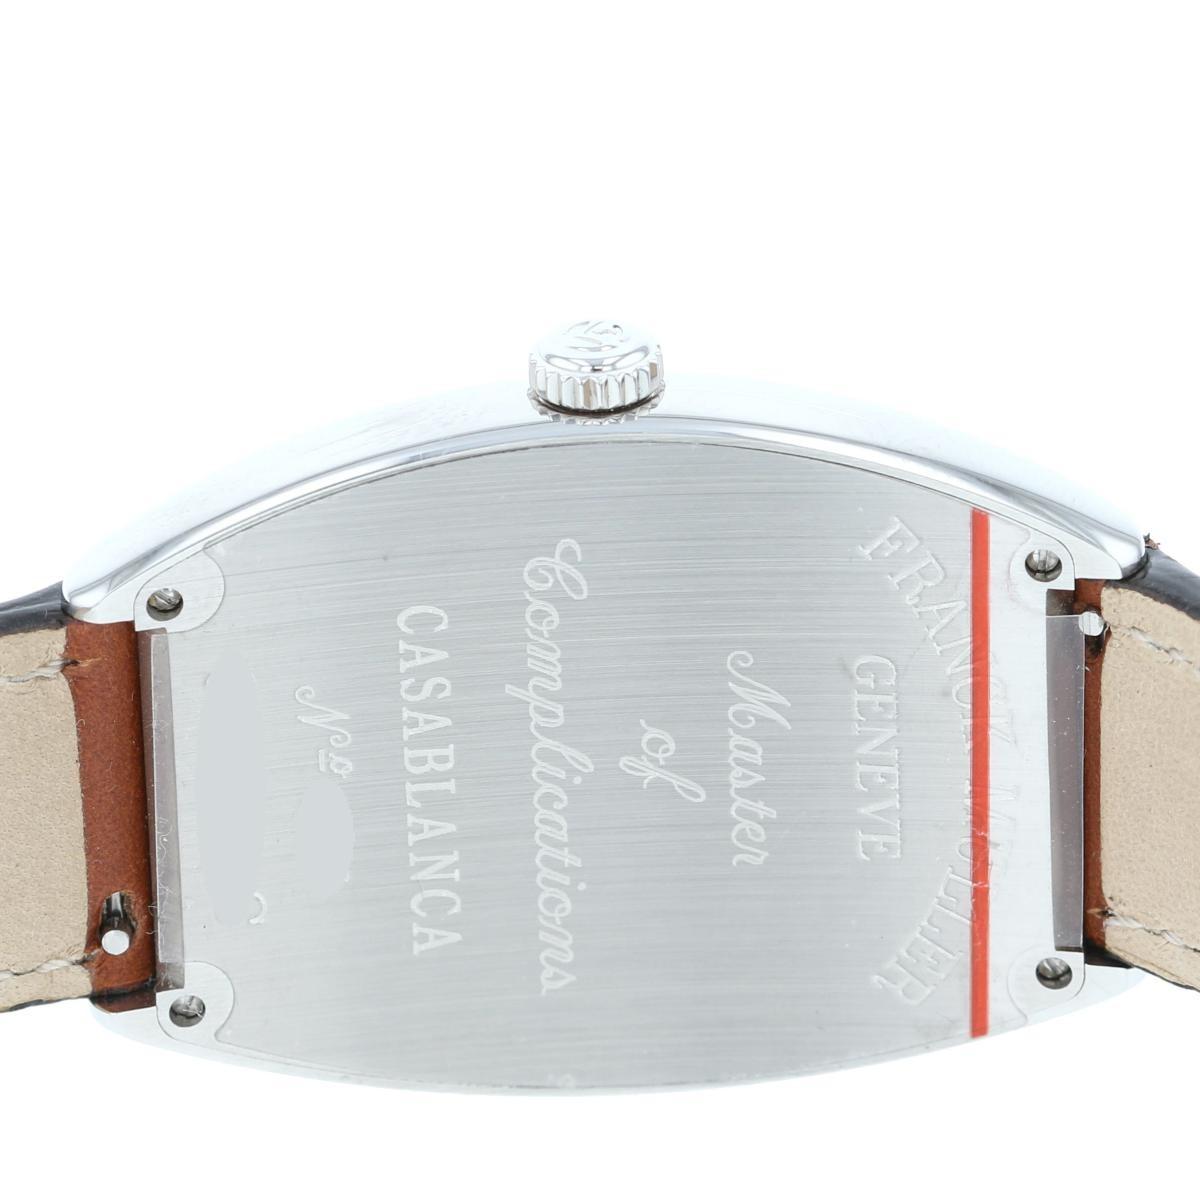 【未使用品】 フランクミュラー カサブランカ メンズ時計 自動巻き FRANCK MULLER CASABLANCA MENS WATCH AT. 6850CASA【中古】 FRANCK MULLER (フランクミュラー) カサブランカ White 時計 自動巻き/メンズ Casablanca ホワイト 6850CASA unused:S